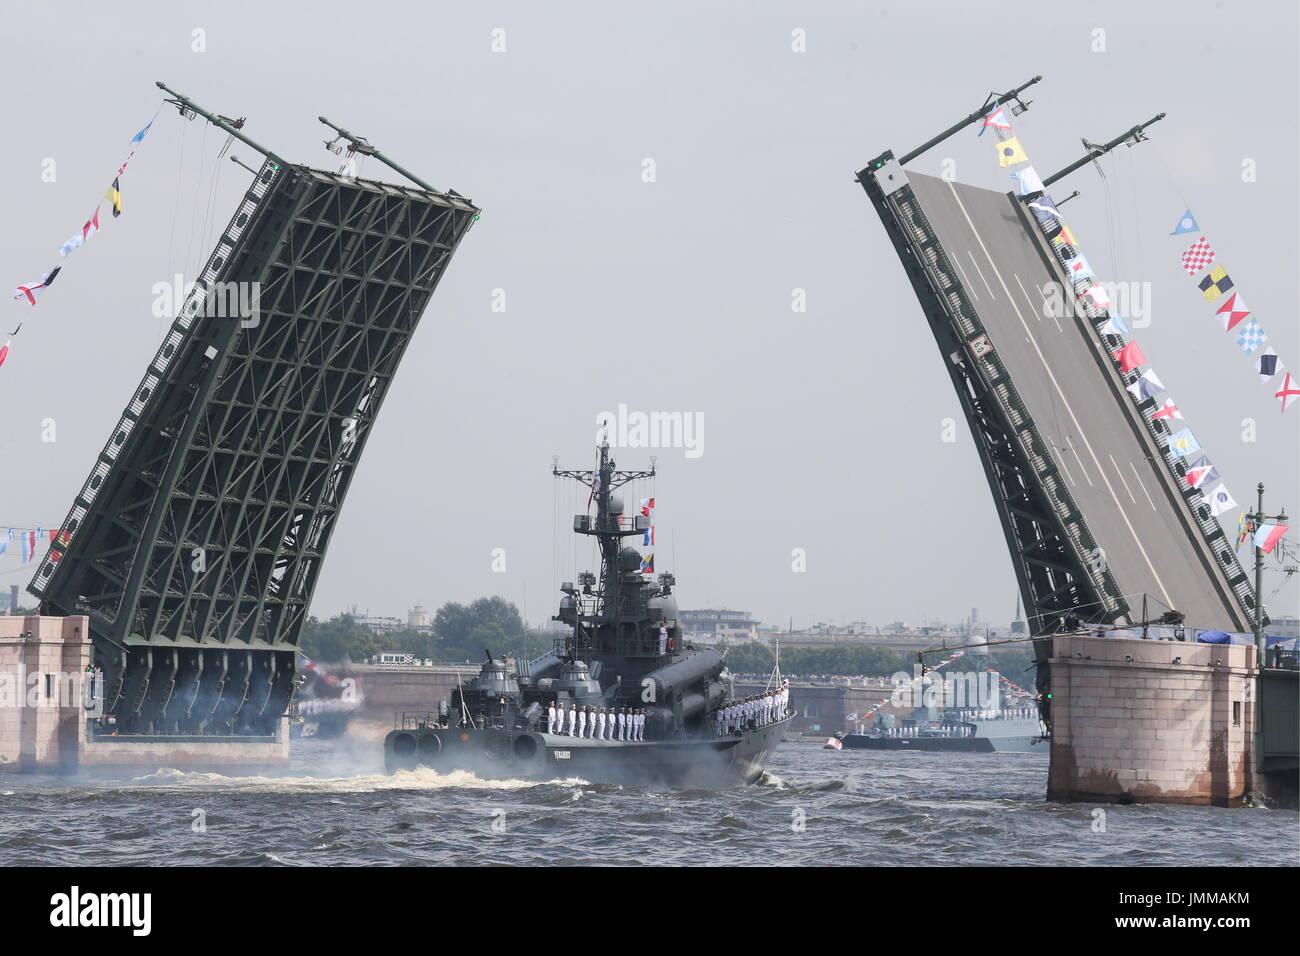 San Petersburgo, Rusia. 28 de julio de 2017. El bote de misiles Chuvashia participa en un ensayo de la próxima Jornada de la Marina Rusa desfile militar en las aguas del río Neva. Crédito: Alexander Demianchuk/TASS/Alamy Live News Imagen De Stock